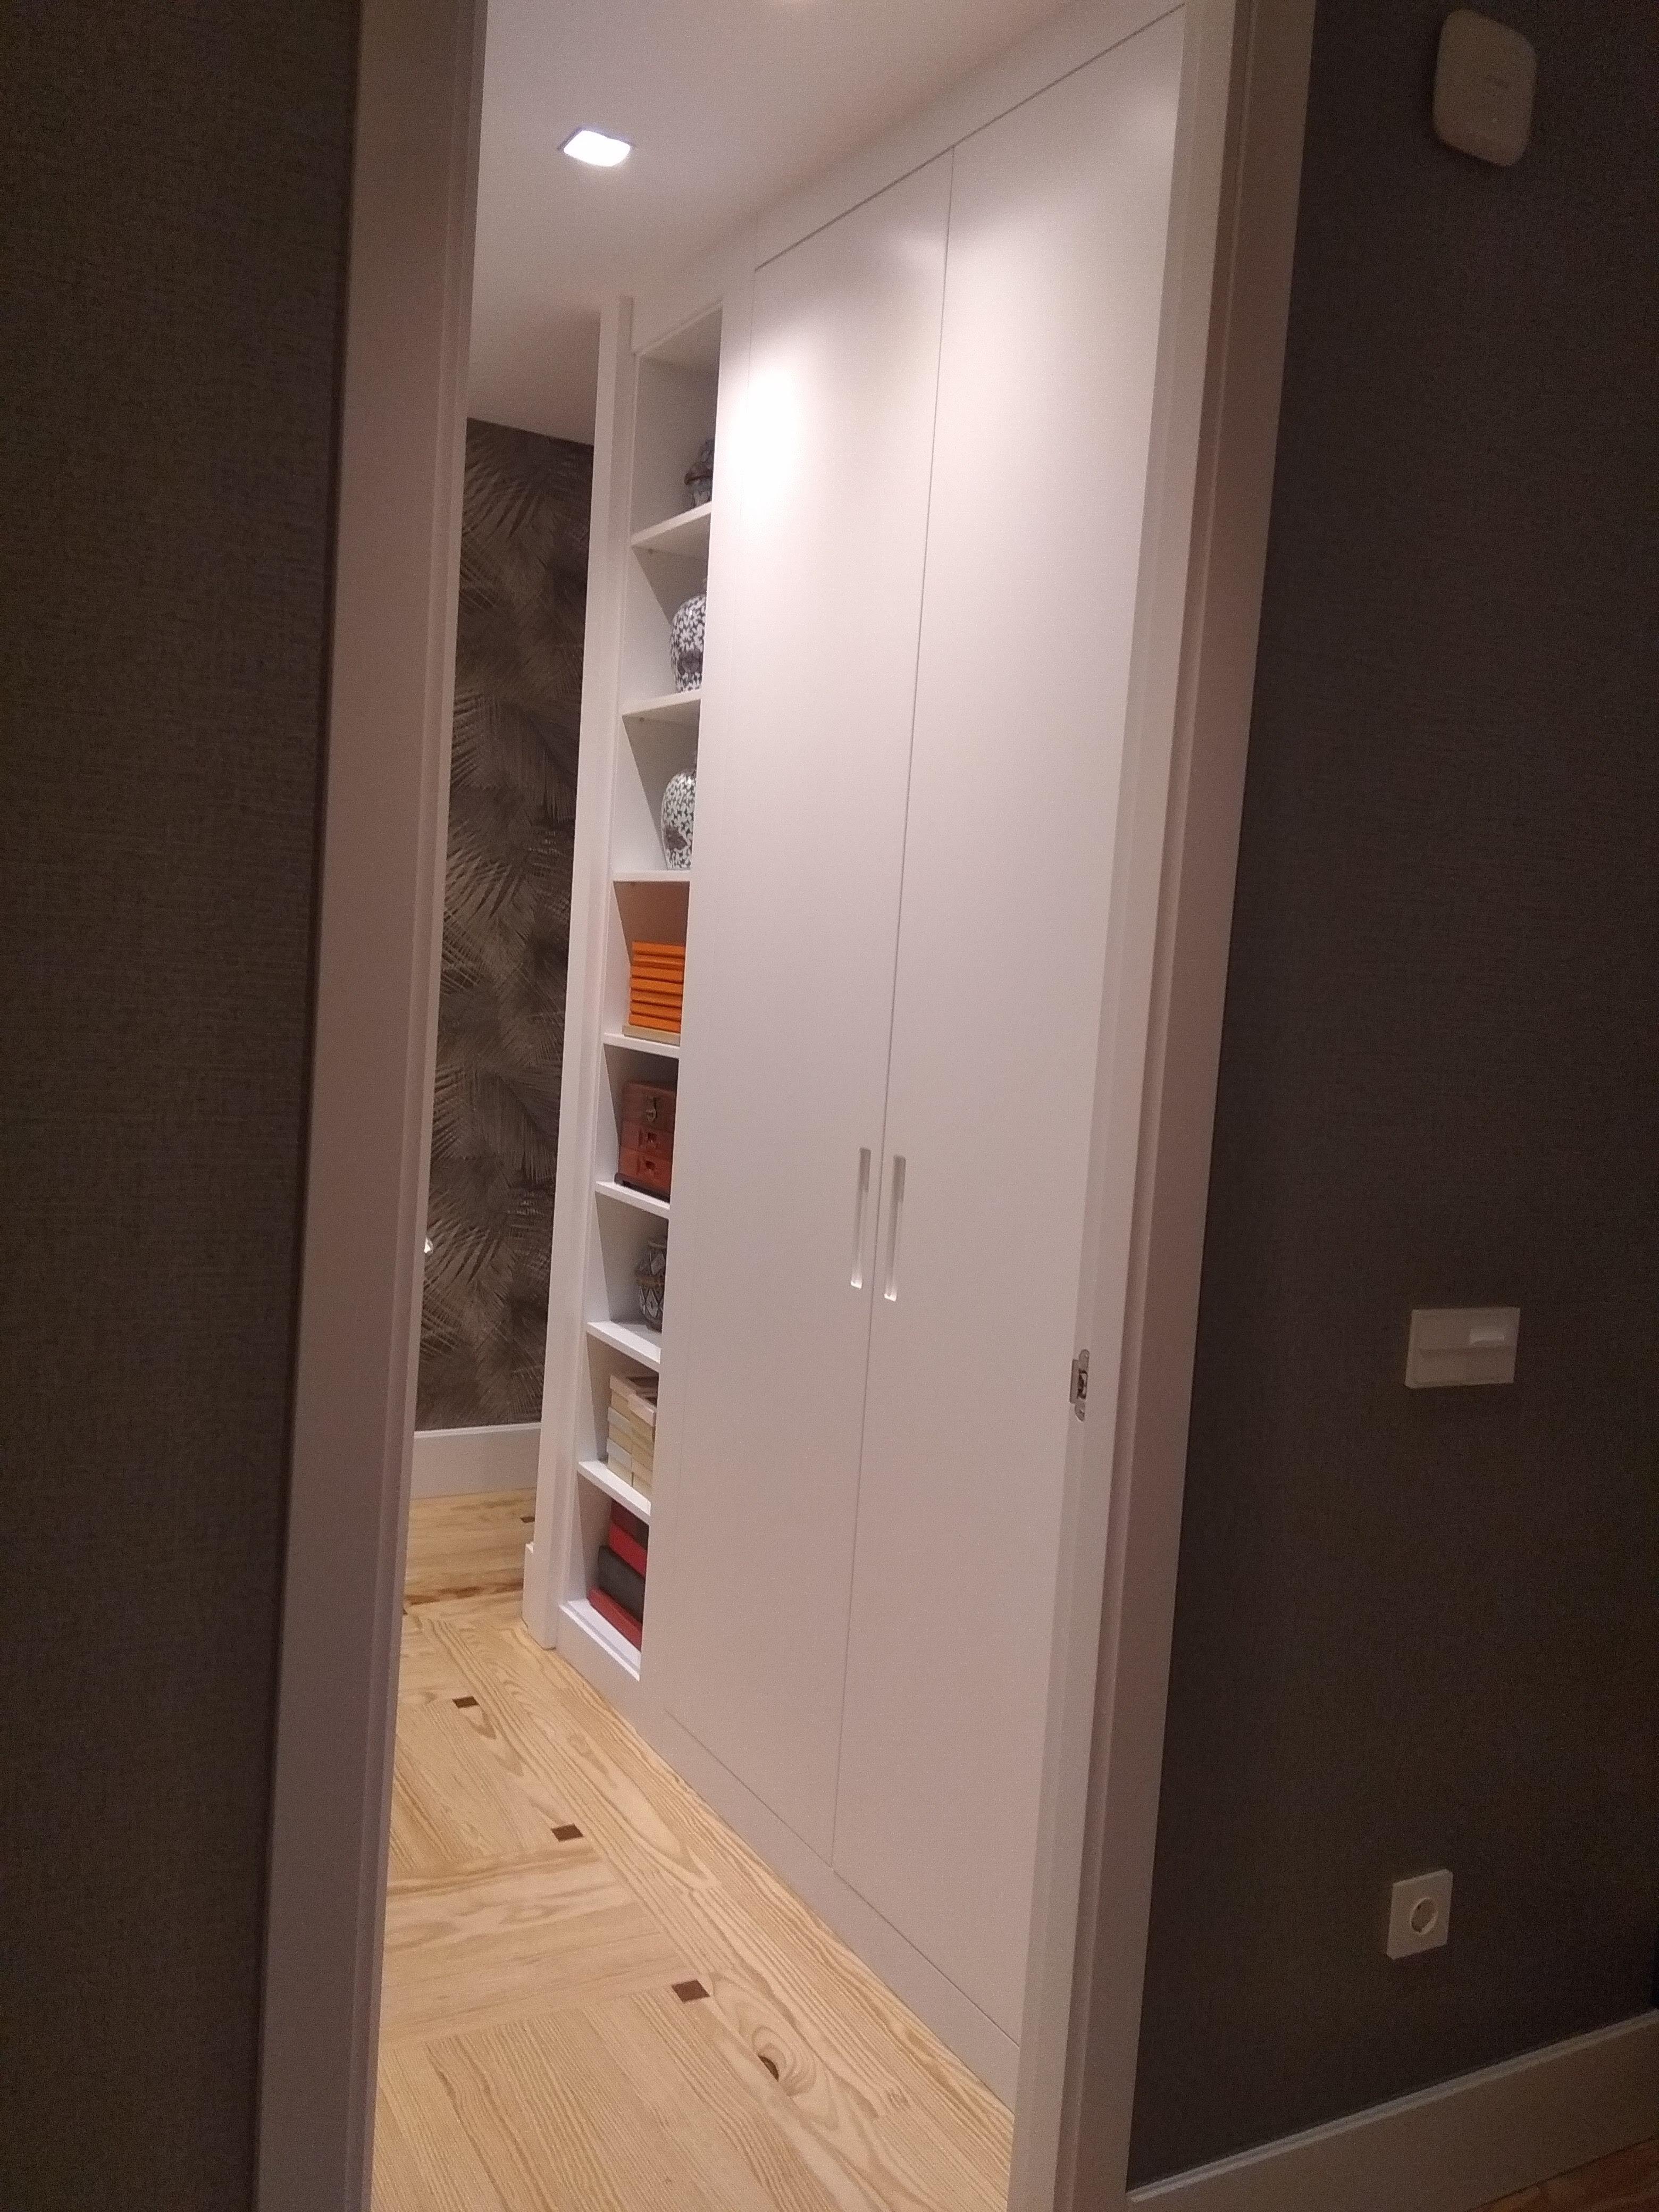 Frente de armario lacado con uñero embutido y hornacina con baldas móviles